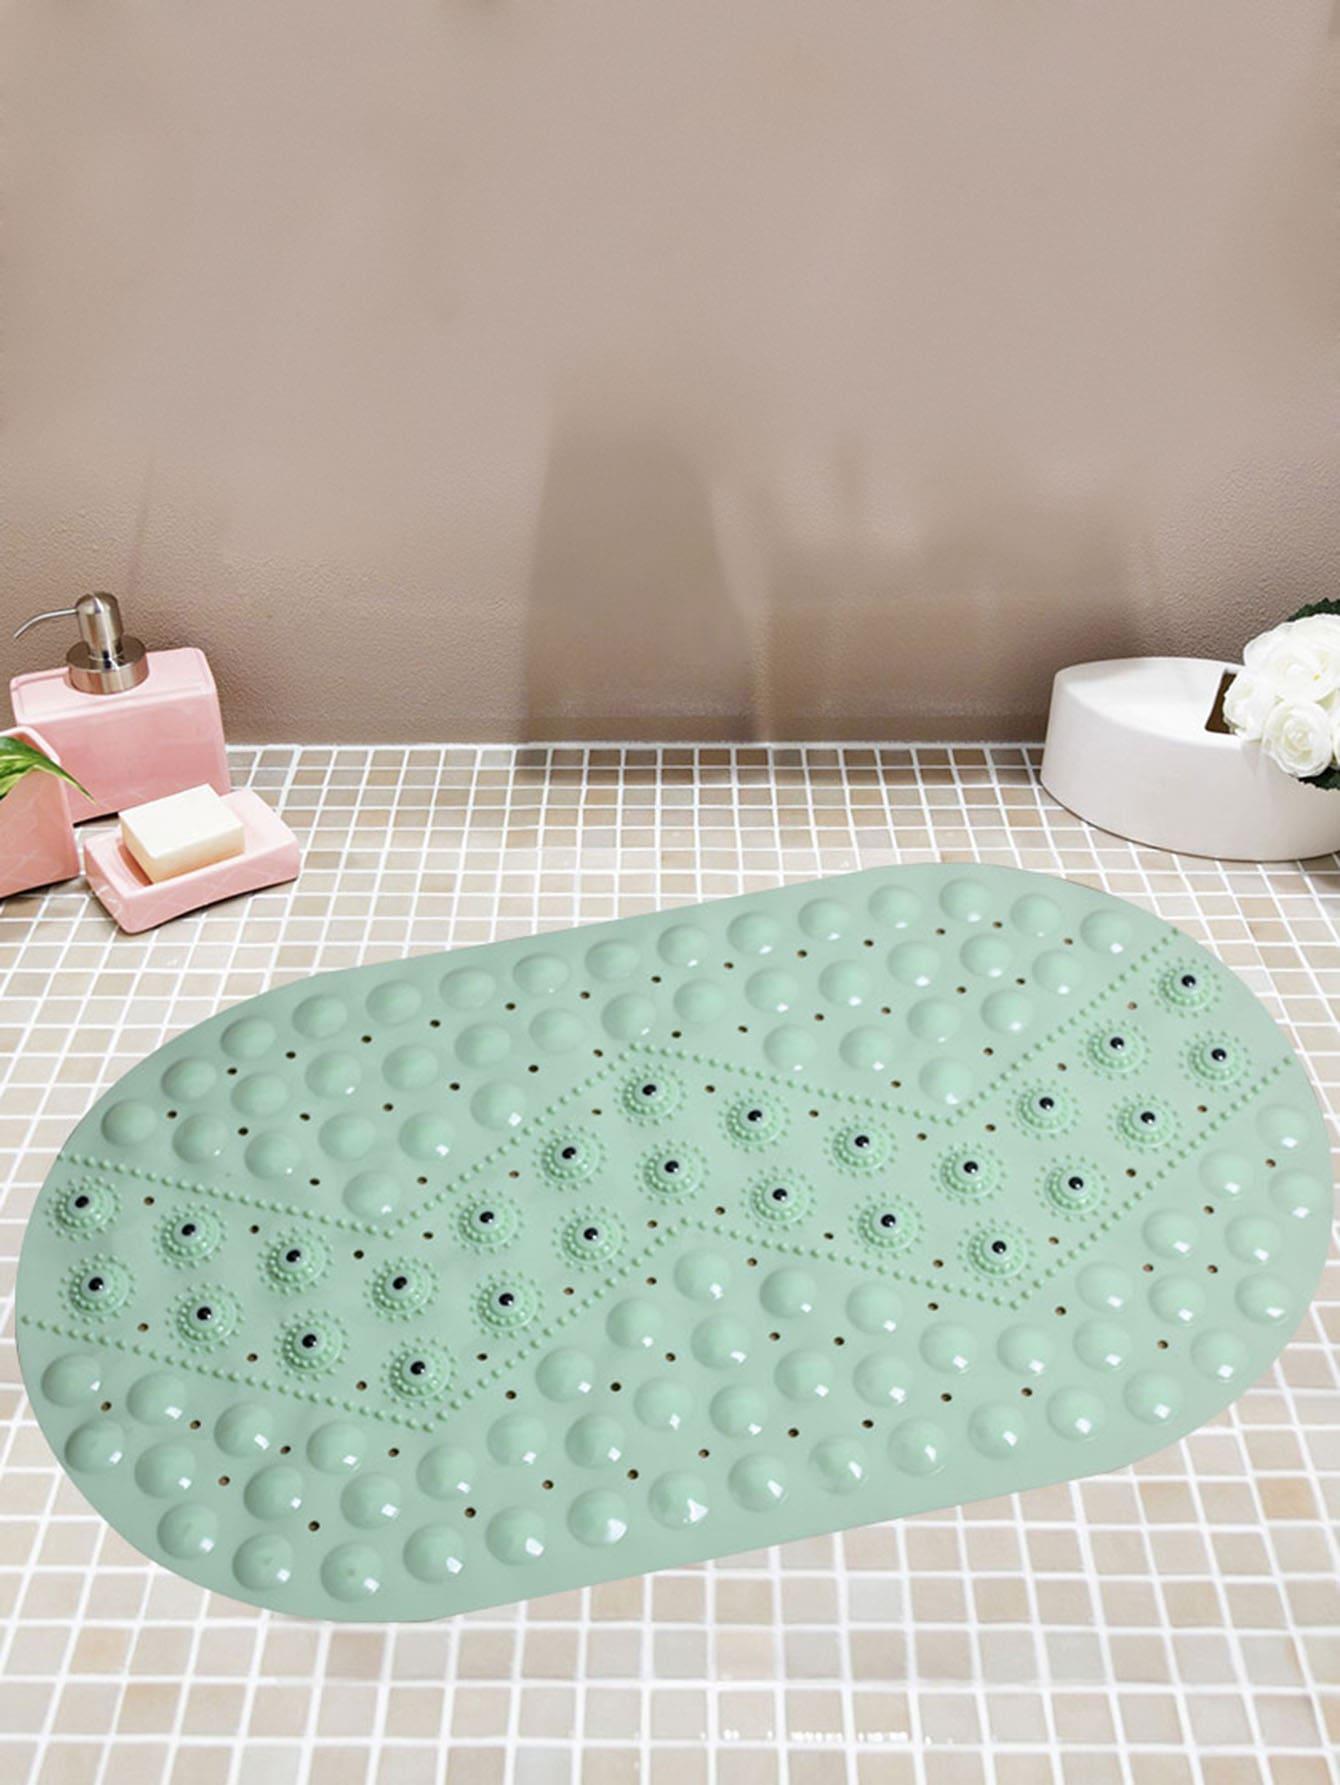 Non Slip Massage Bathroom Mat non slip african elephant bathroom floor door mat